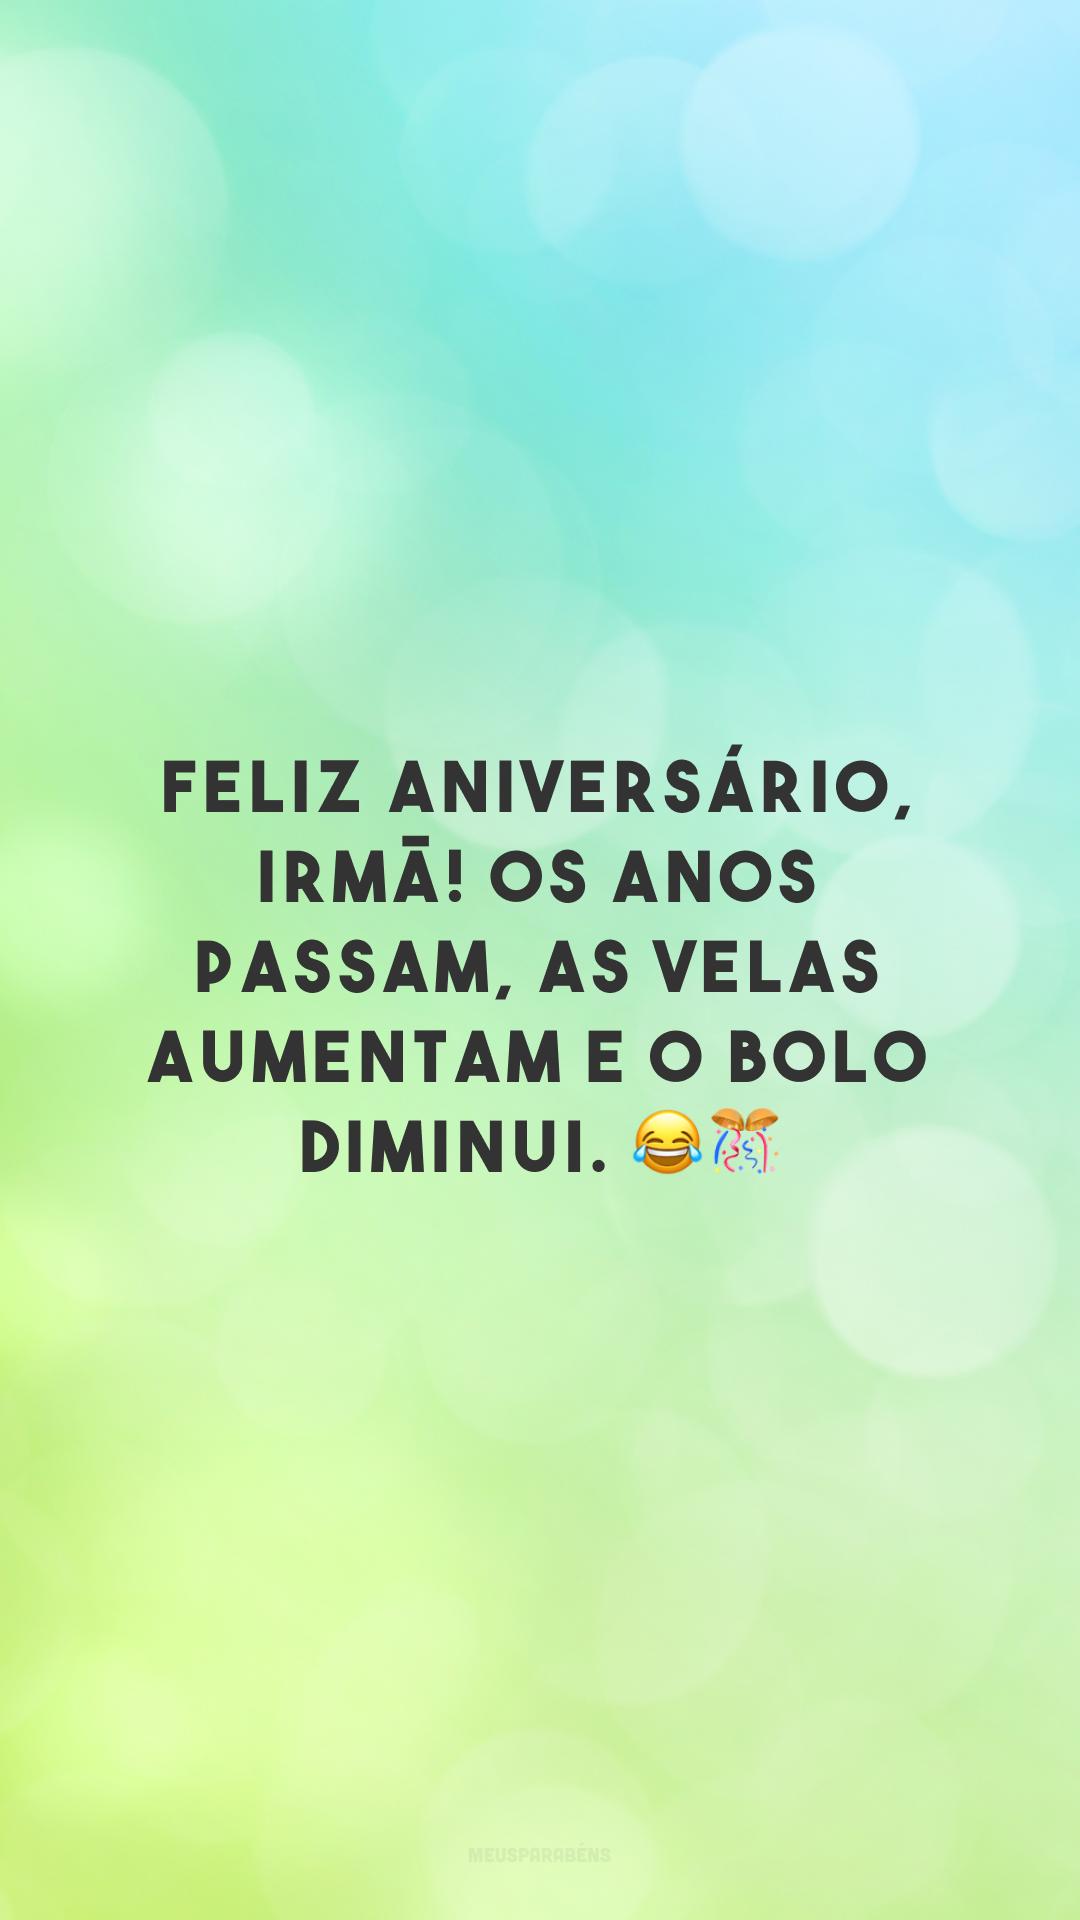 Feliz aniversário, irmã! Os anos passam, as velas aumentam e o bolo diminui. ??